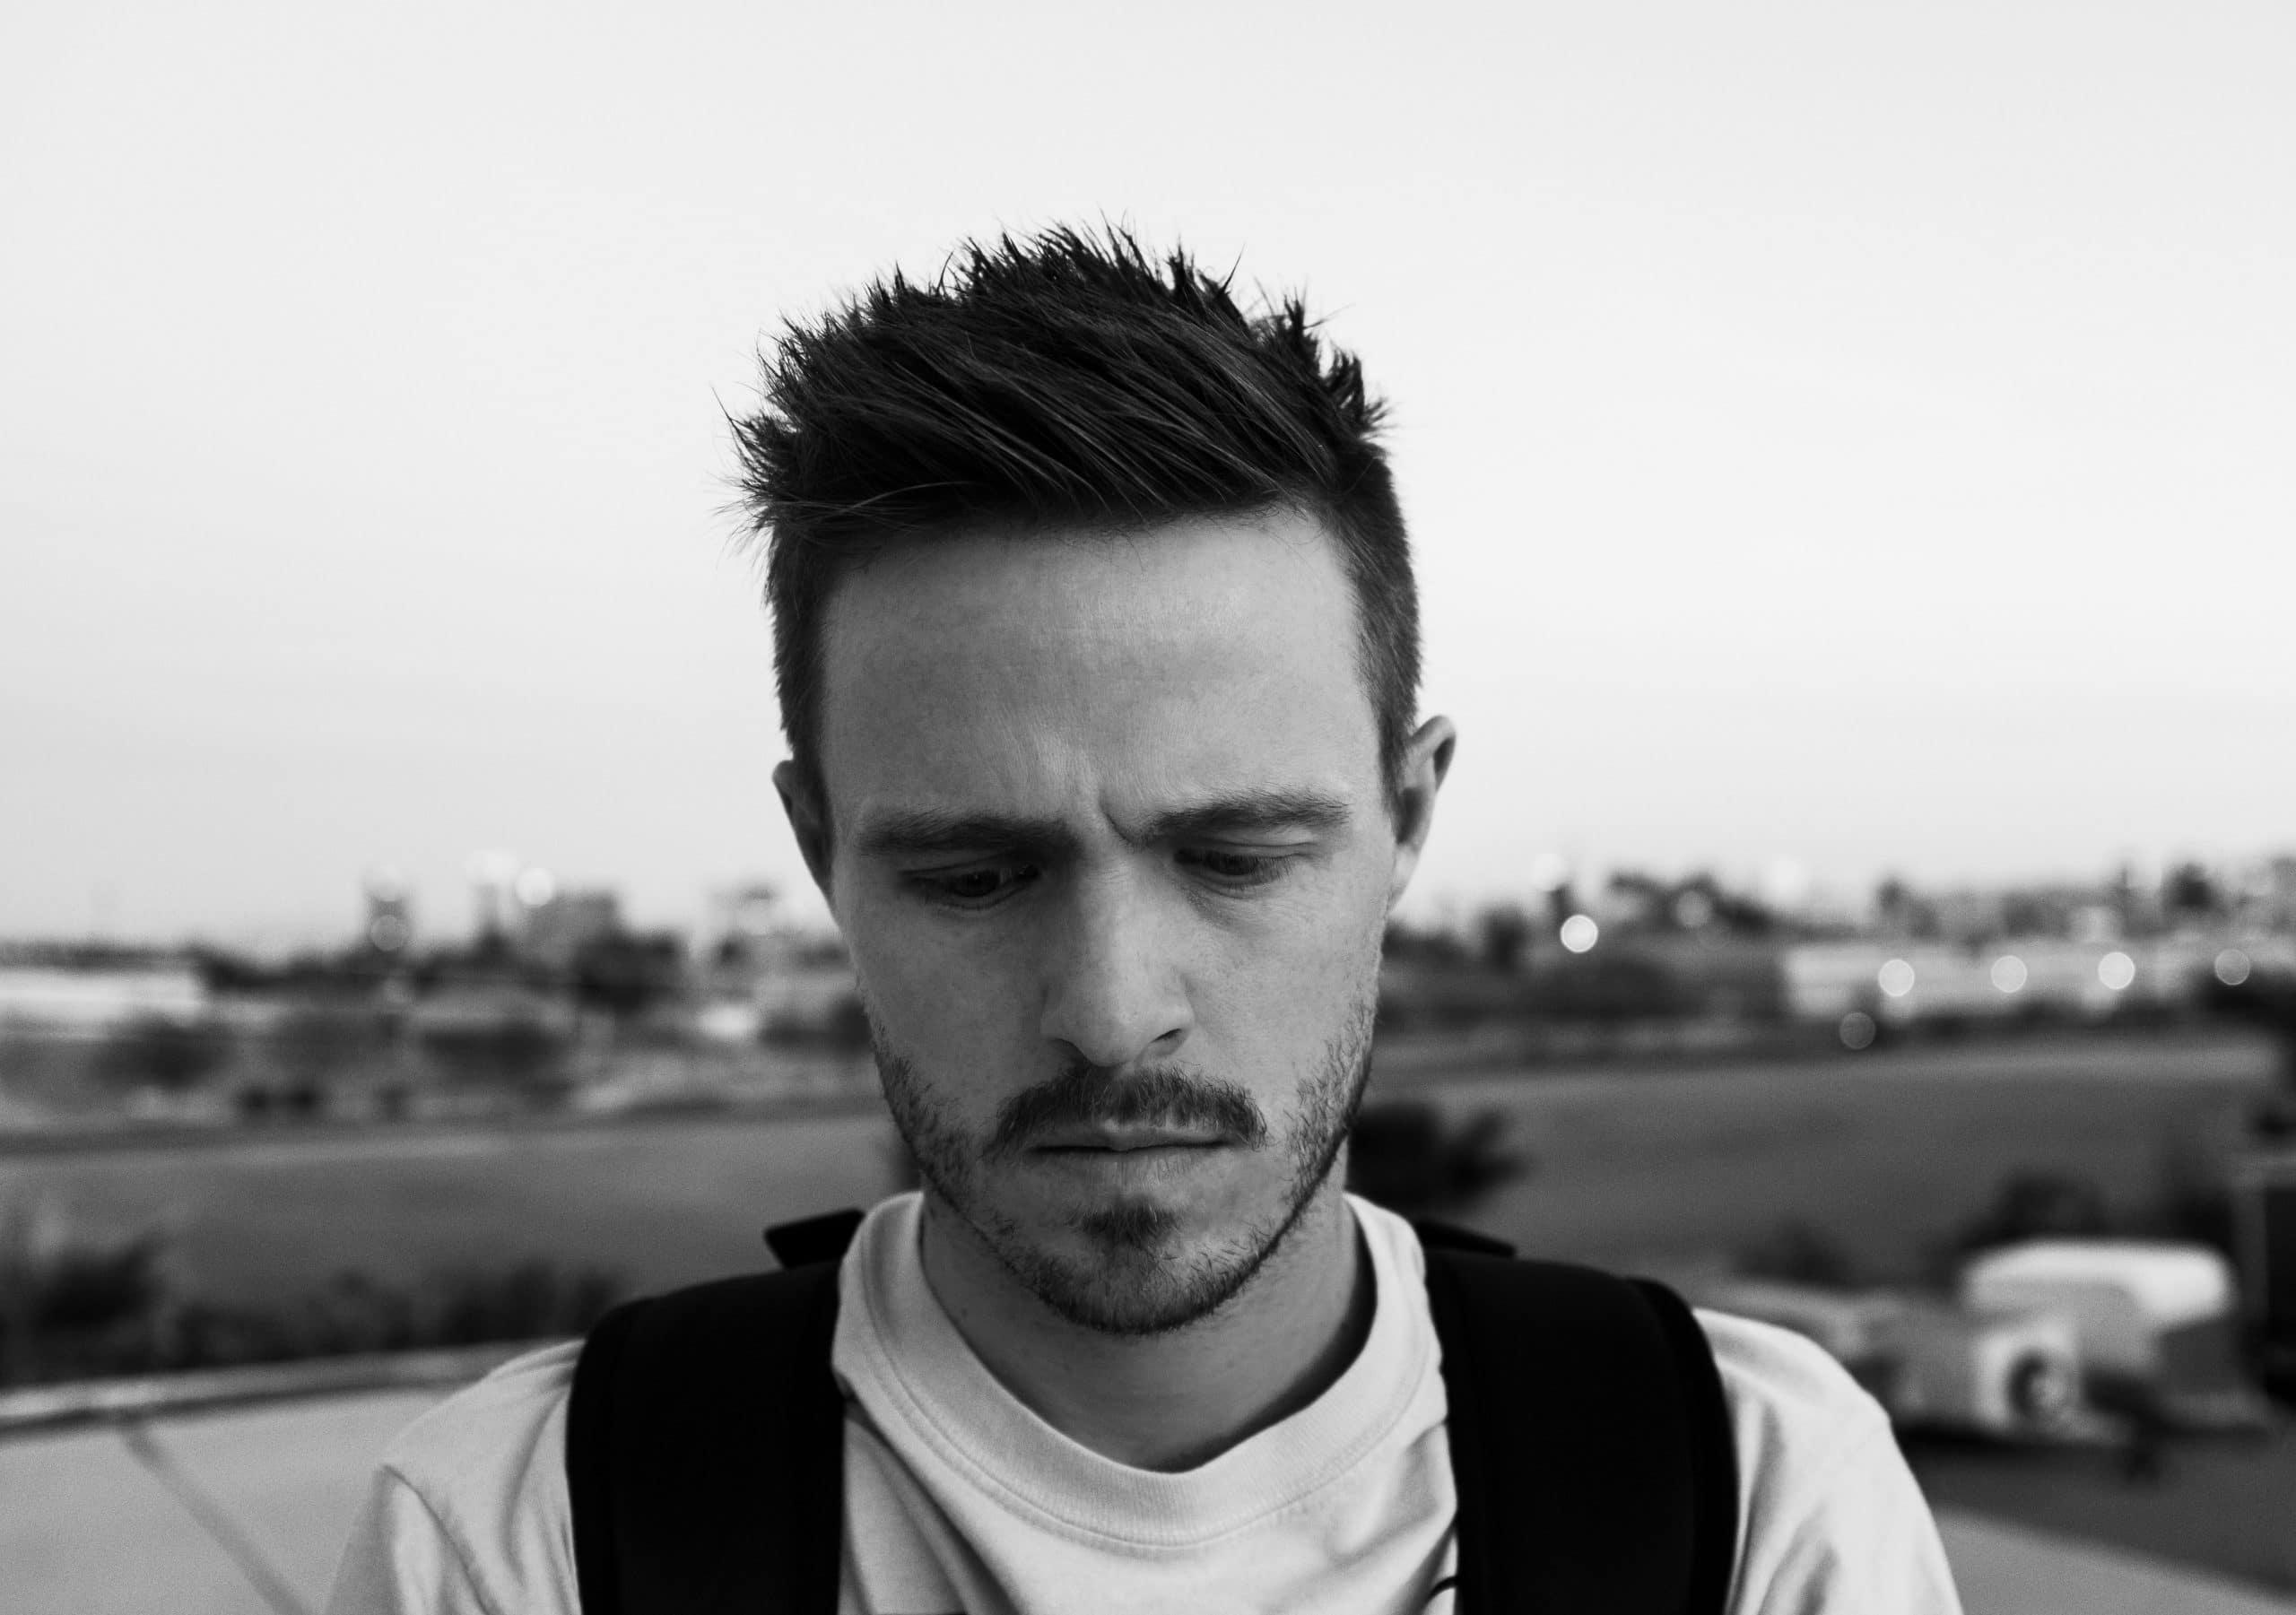 Rapaz visto de frente triste com campo de fundo em preto e branco